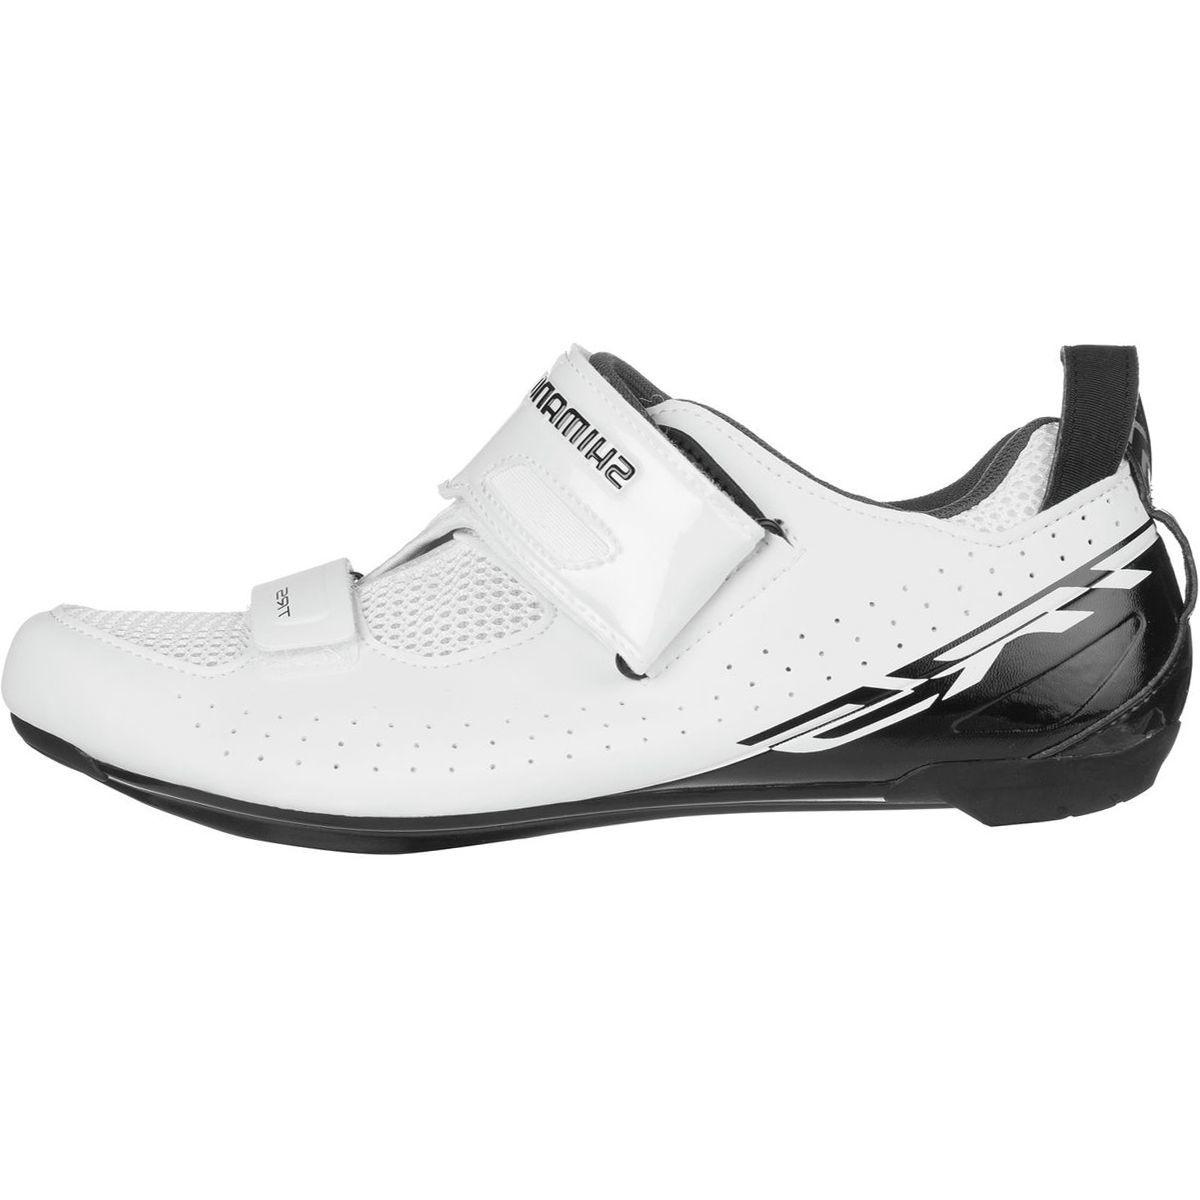 Shimano SH-TR5 Cycling Shoe - Men's